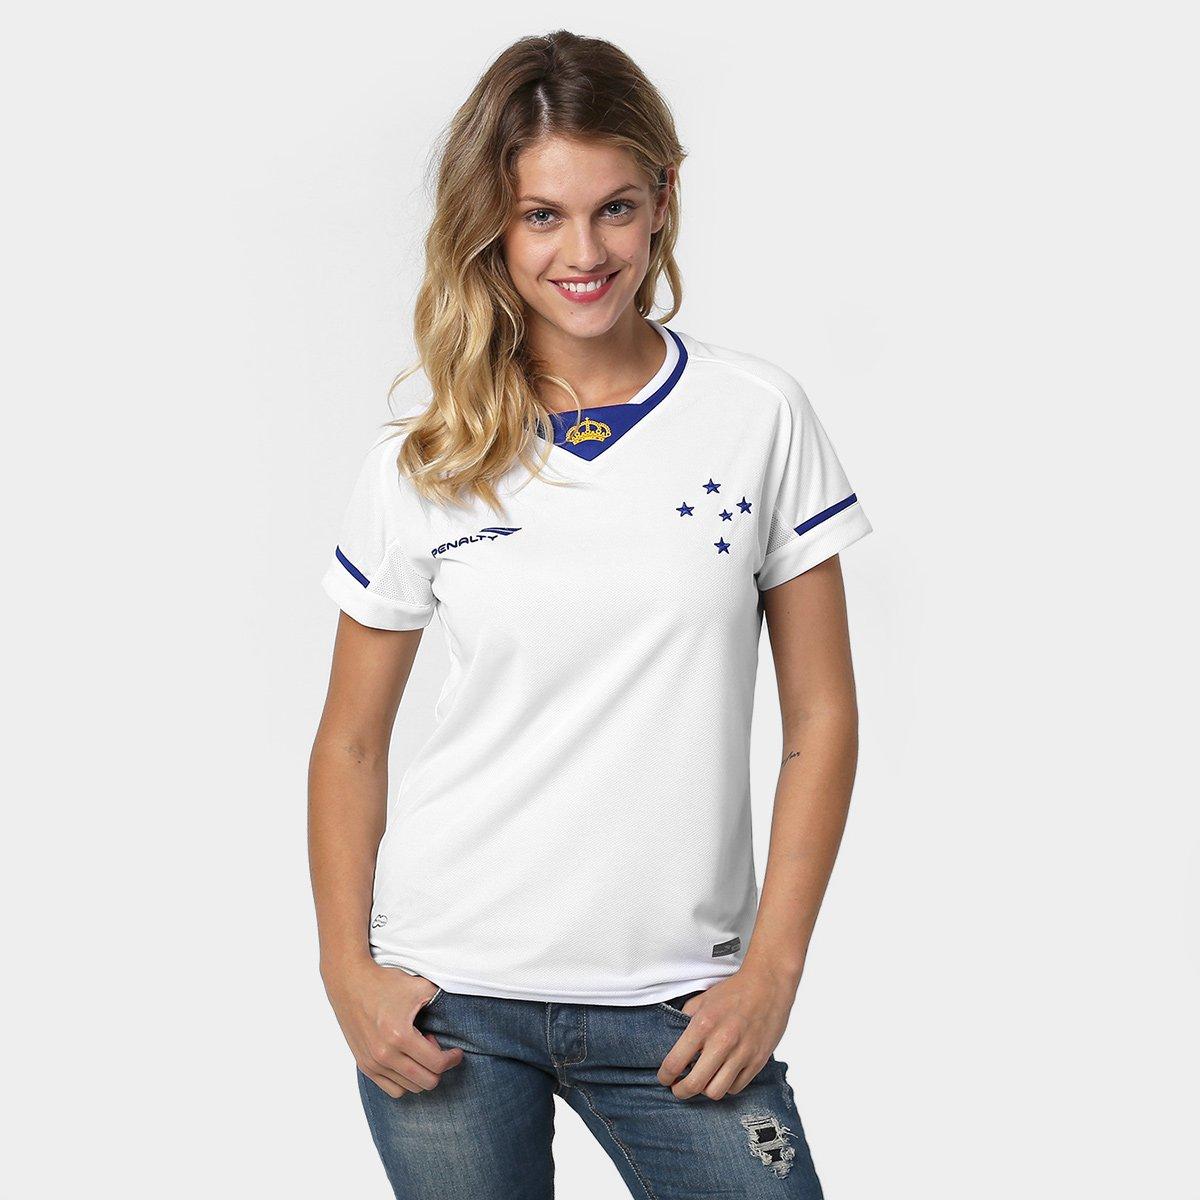 Camisa Cruzeiro ll 2015 s n° Torcedor Penalty Feminina - Compre Agora  0689a06b987ef